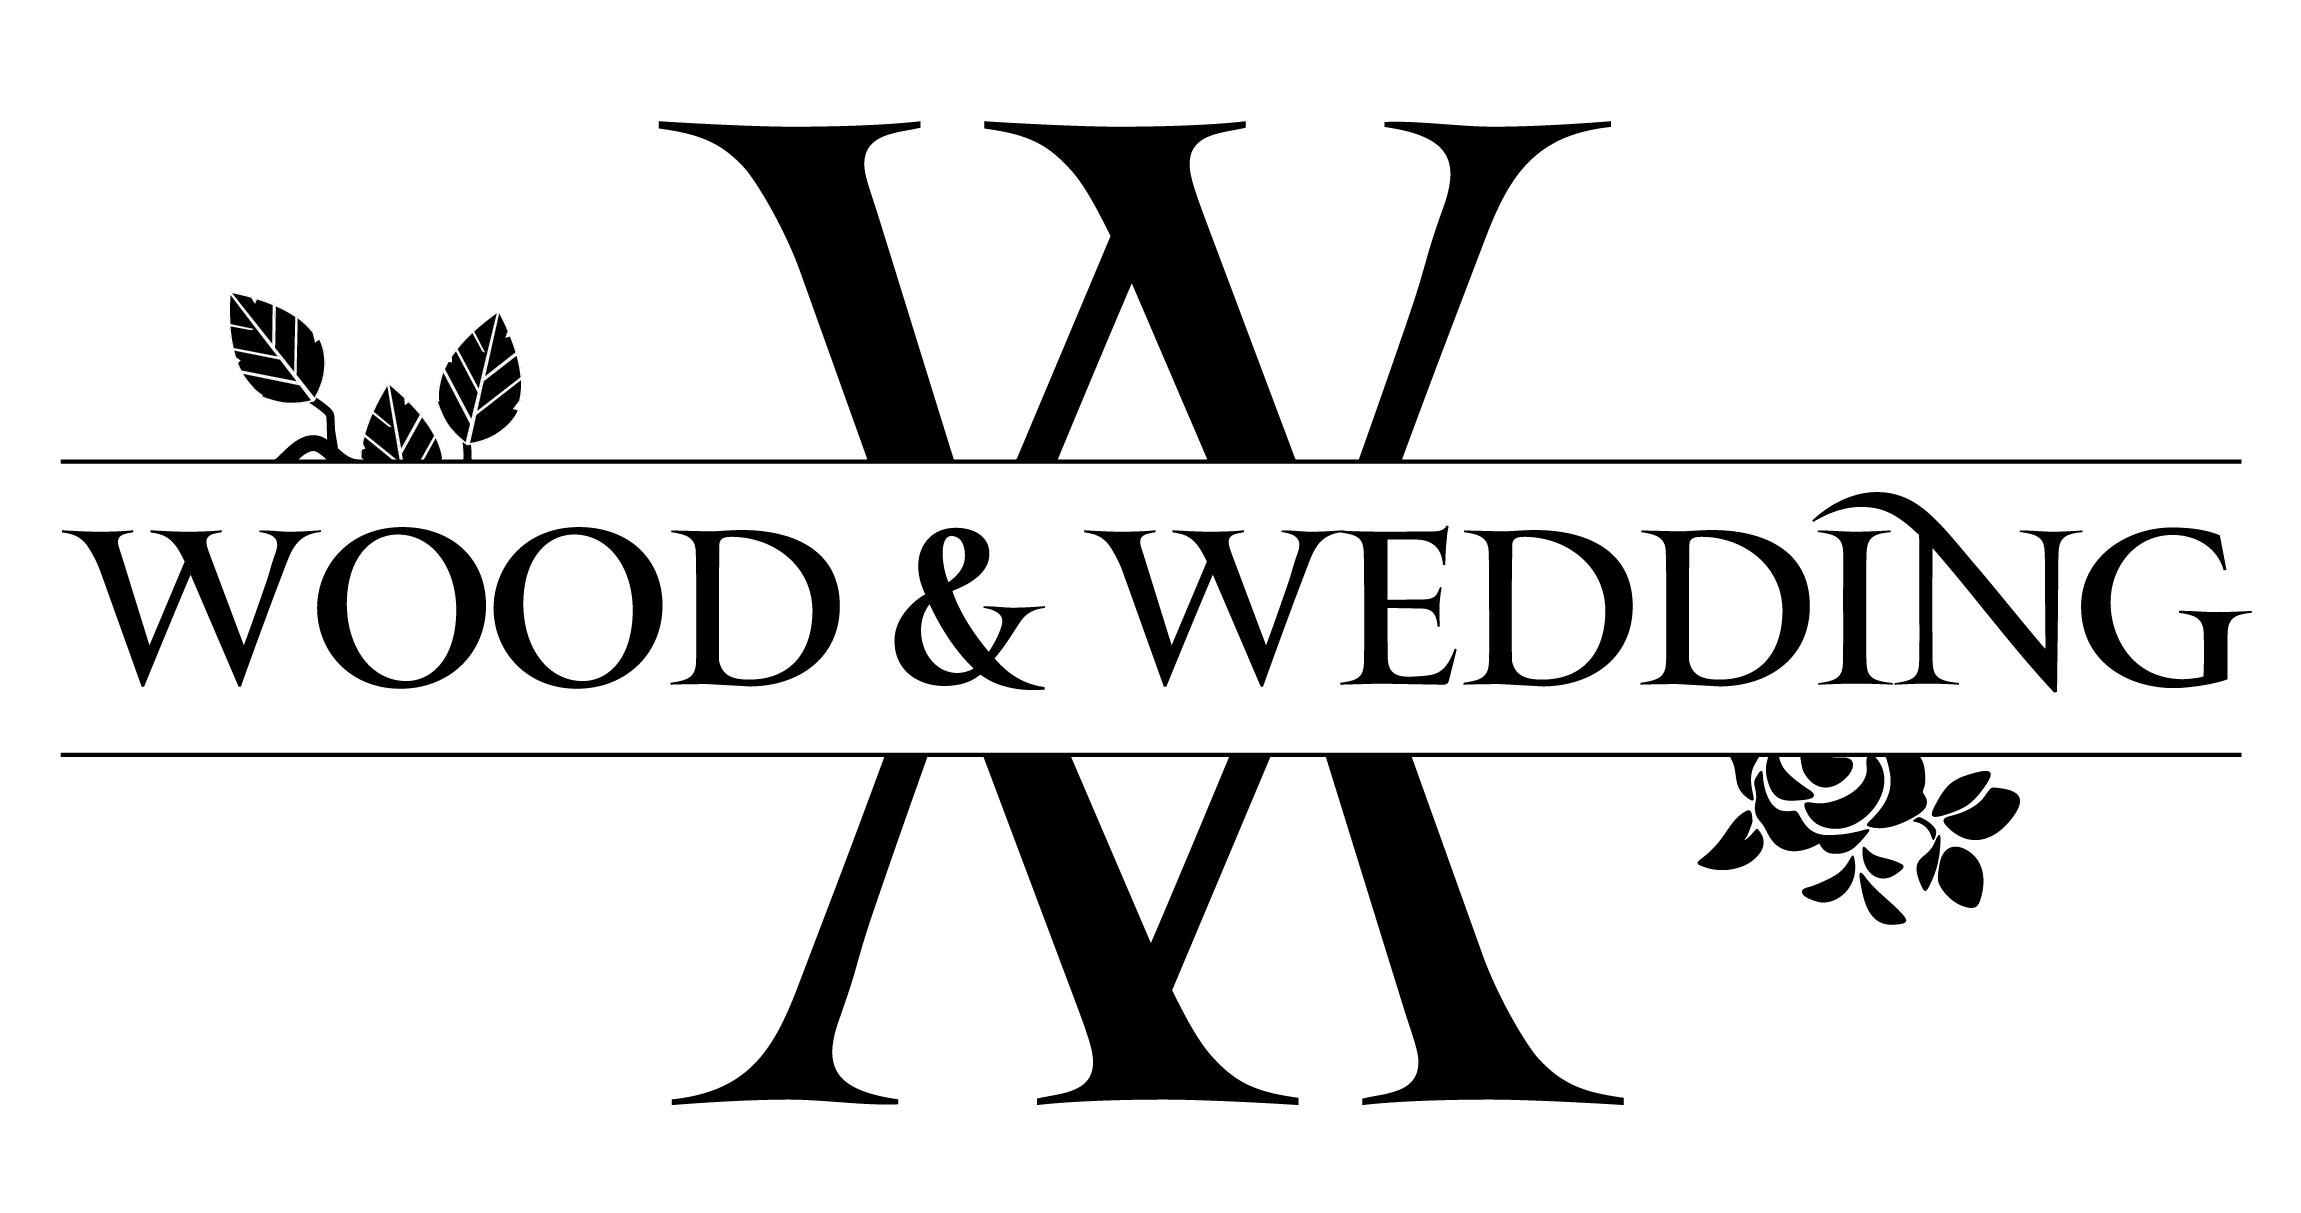 Wood & Wedding